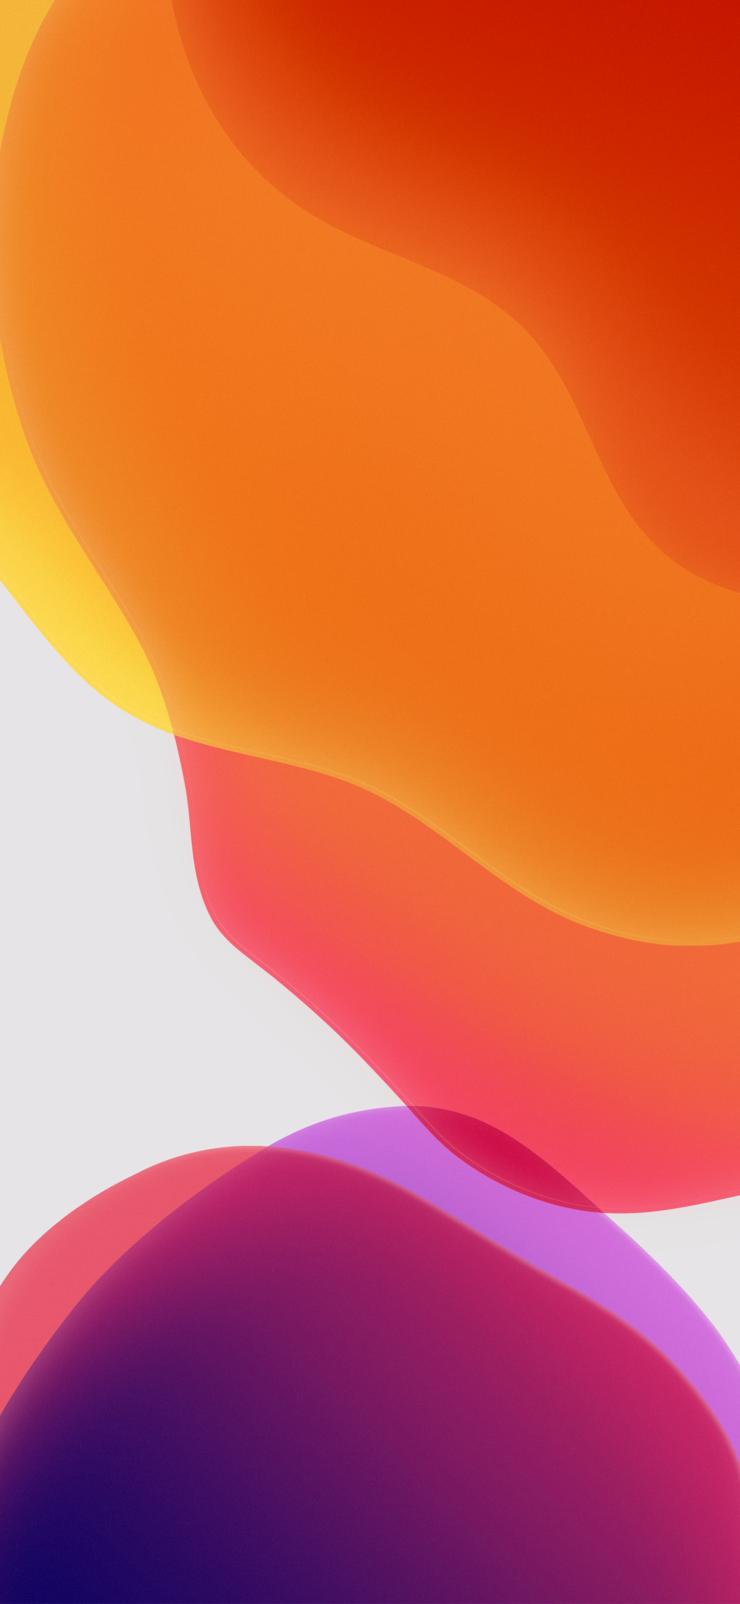 Best iphone 11 wallpaper orange to download